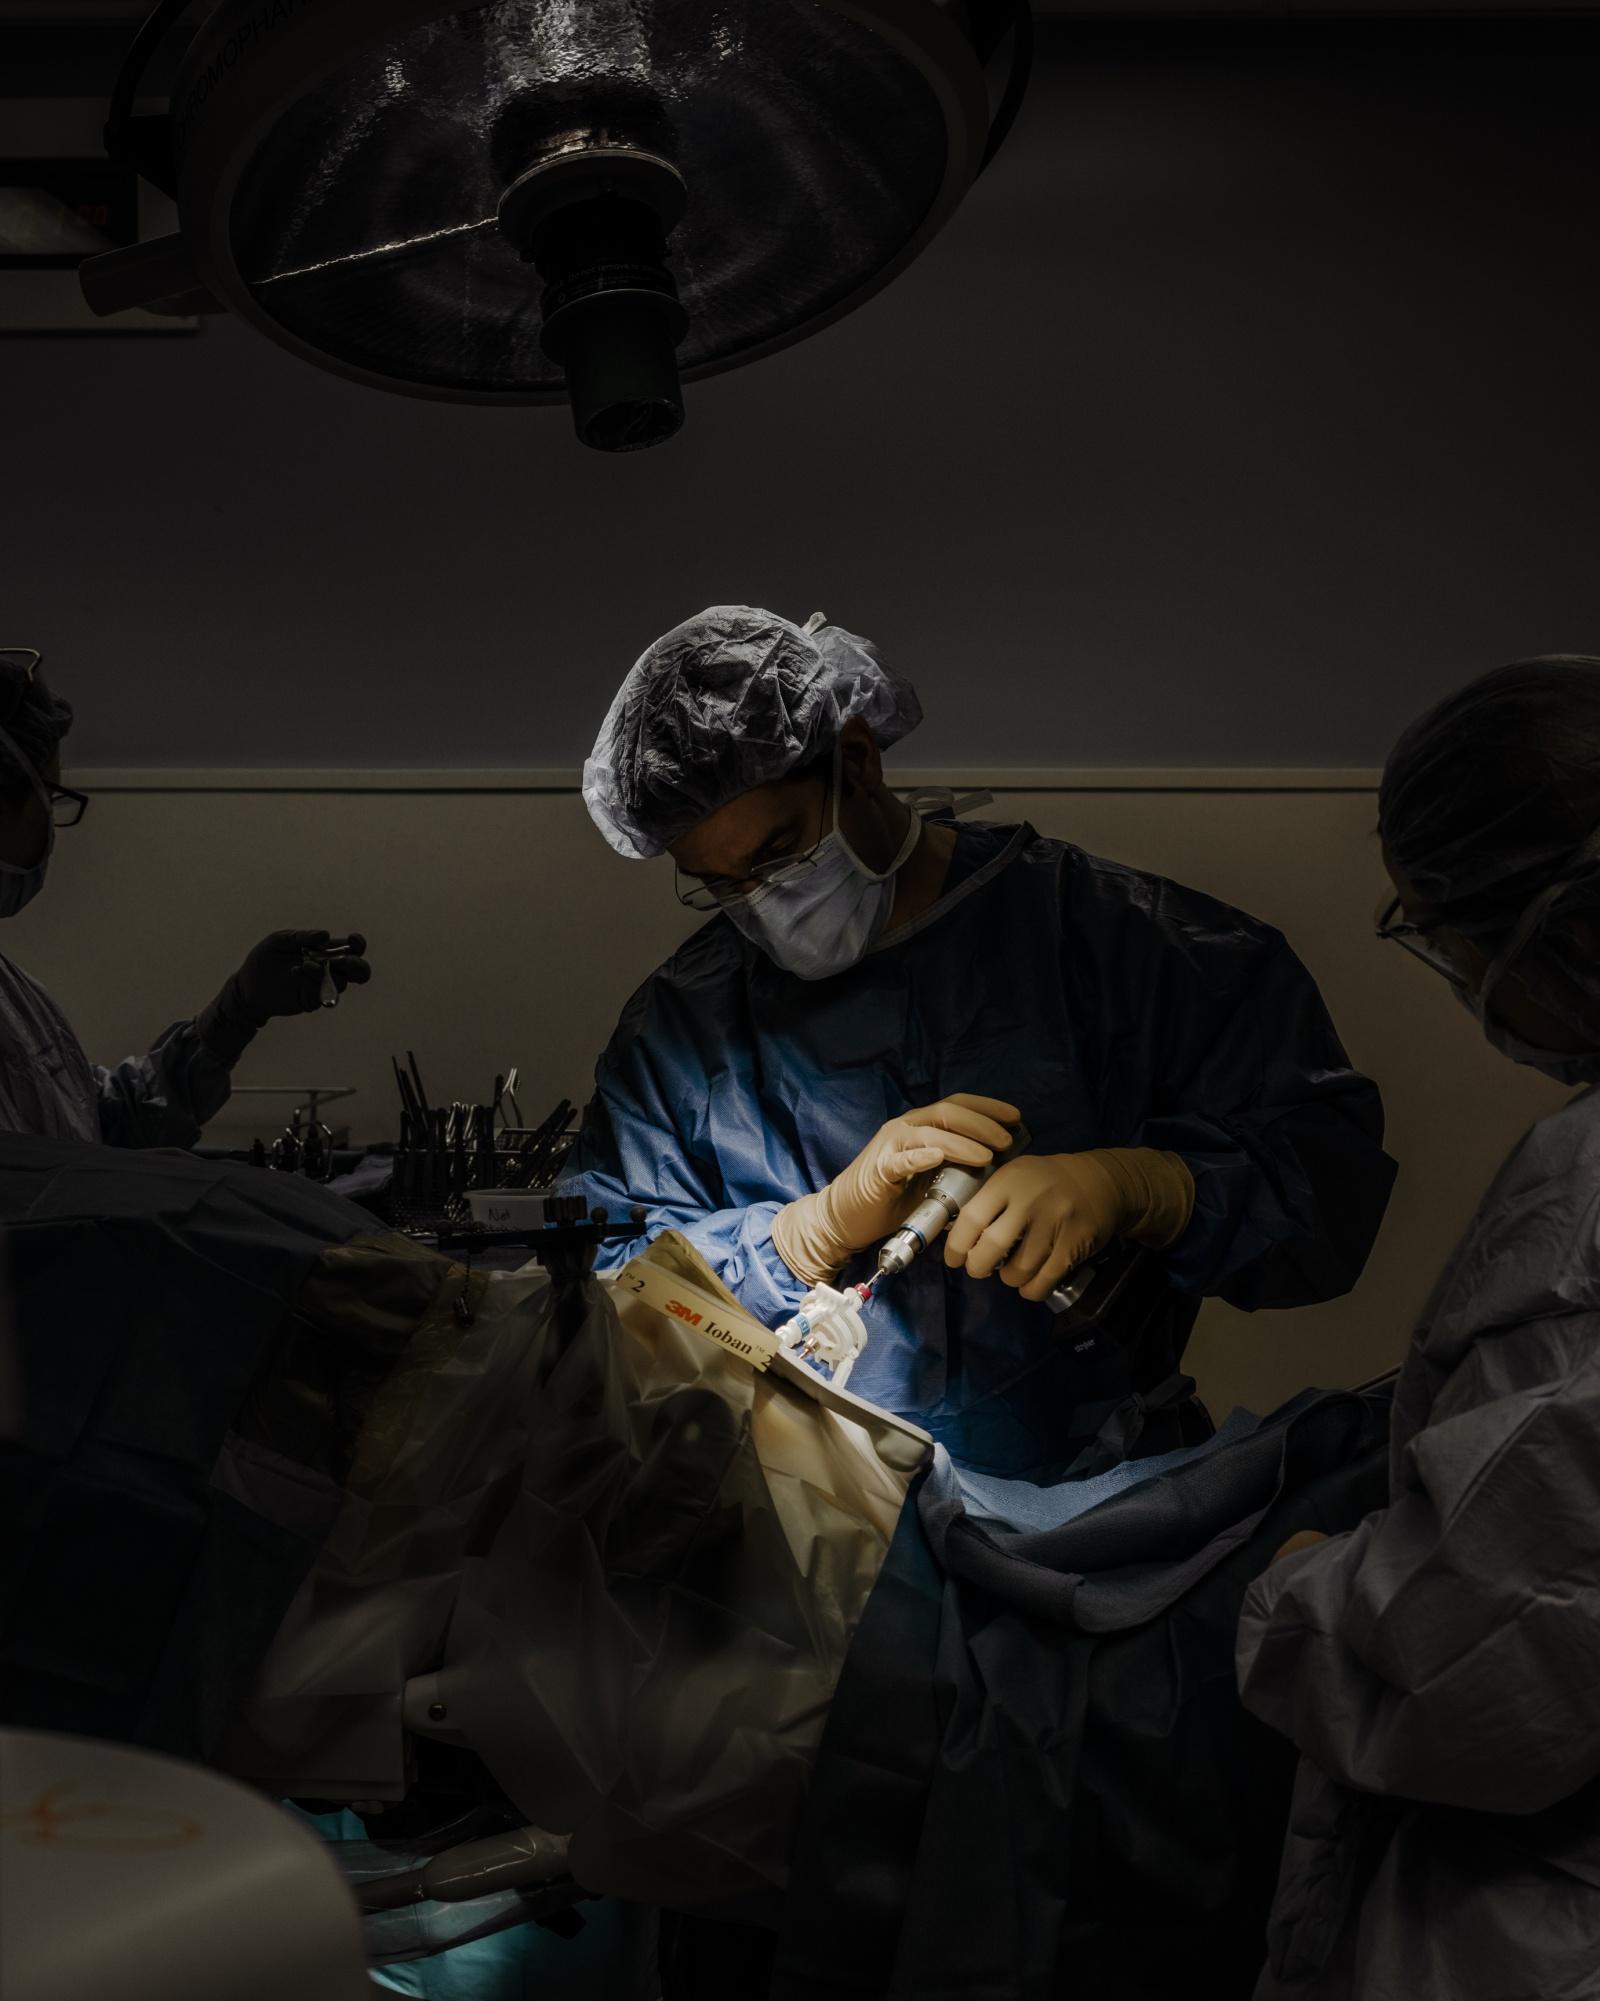 Хирург, собирающийся подключить вас к интернету через мозговой имплантат - 8